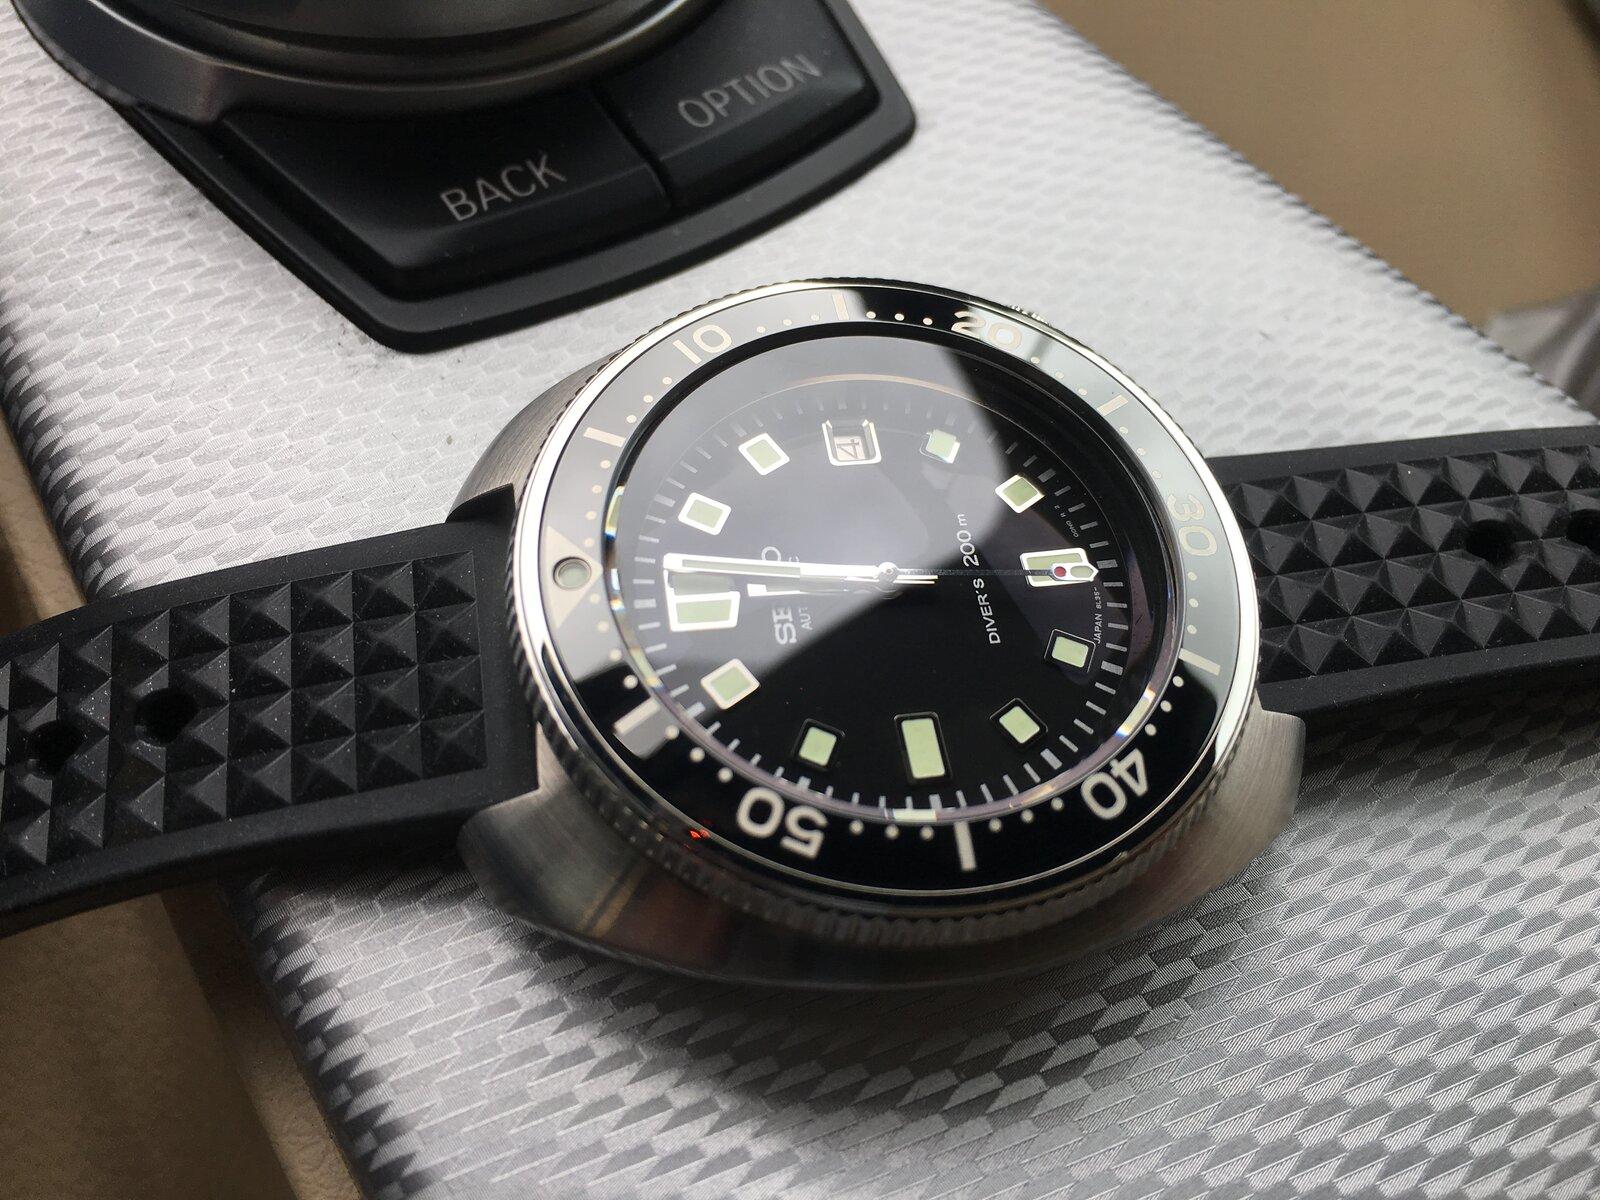 18C58BAD-D55F-482F-96E2-239471A45D65.